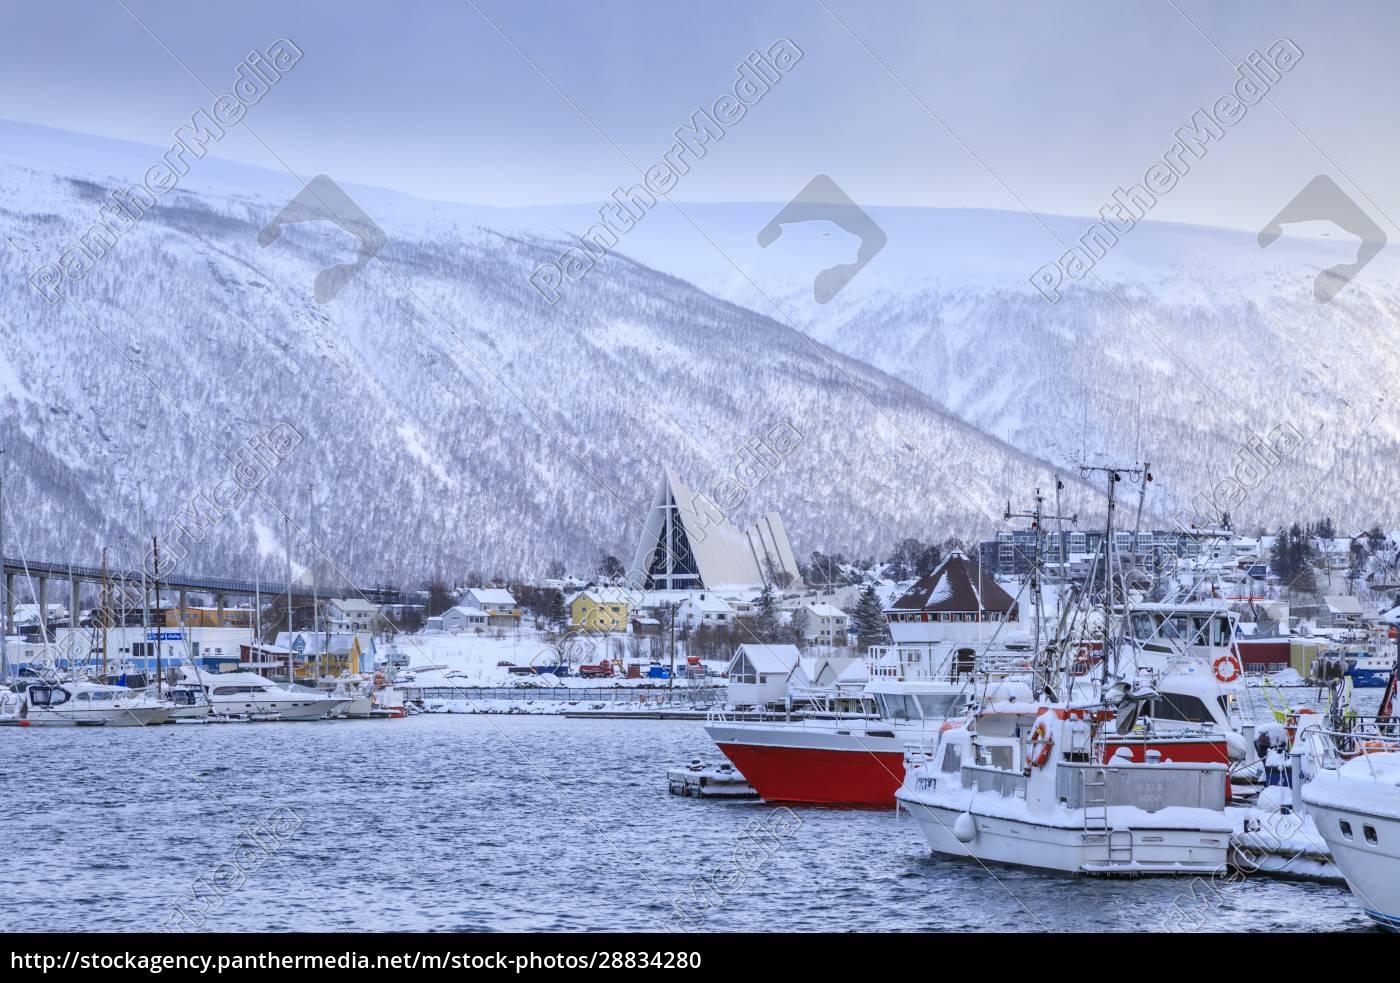 tromso, kleiner, bootshafen, fjord, brücke, arktis-kathedrale, nach, starkem, schnee, fallim, winter, troms, polarkreis, nordnorwegen, skandinavien, europa - 28834280